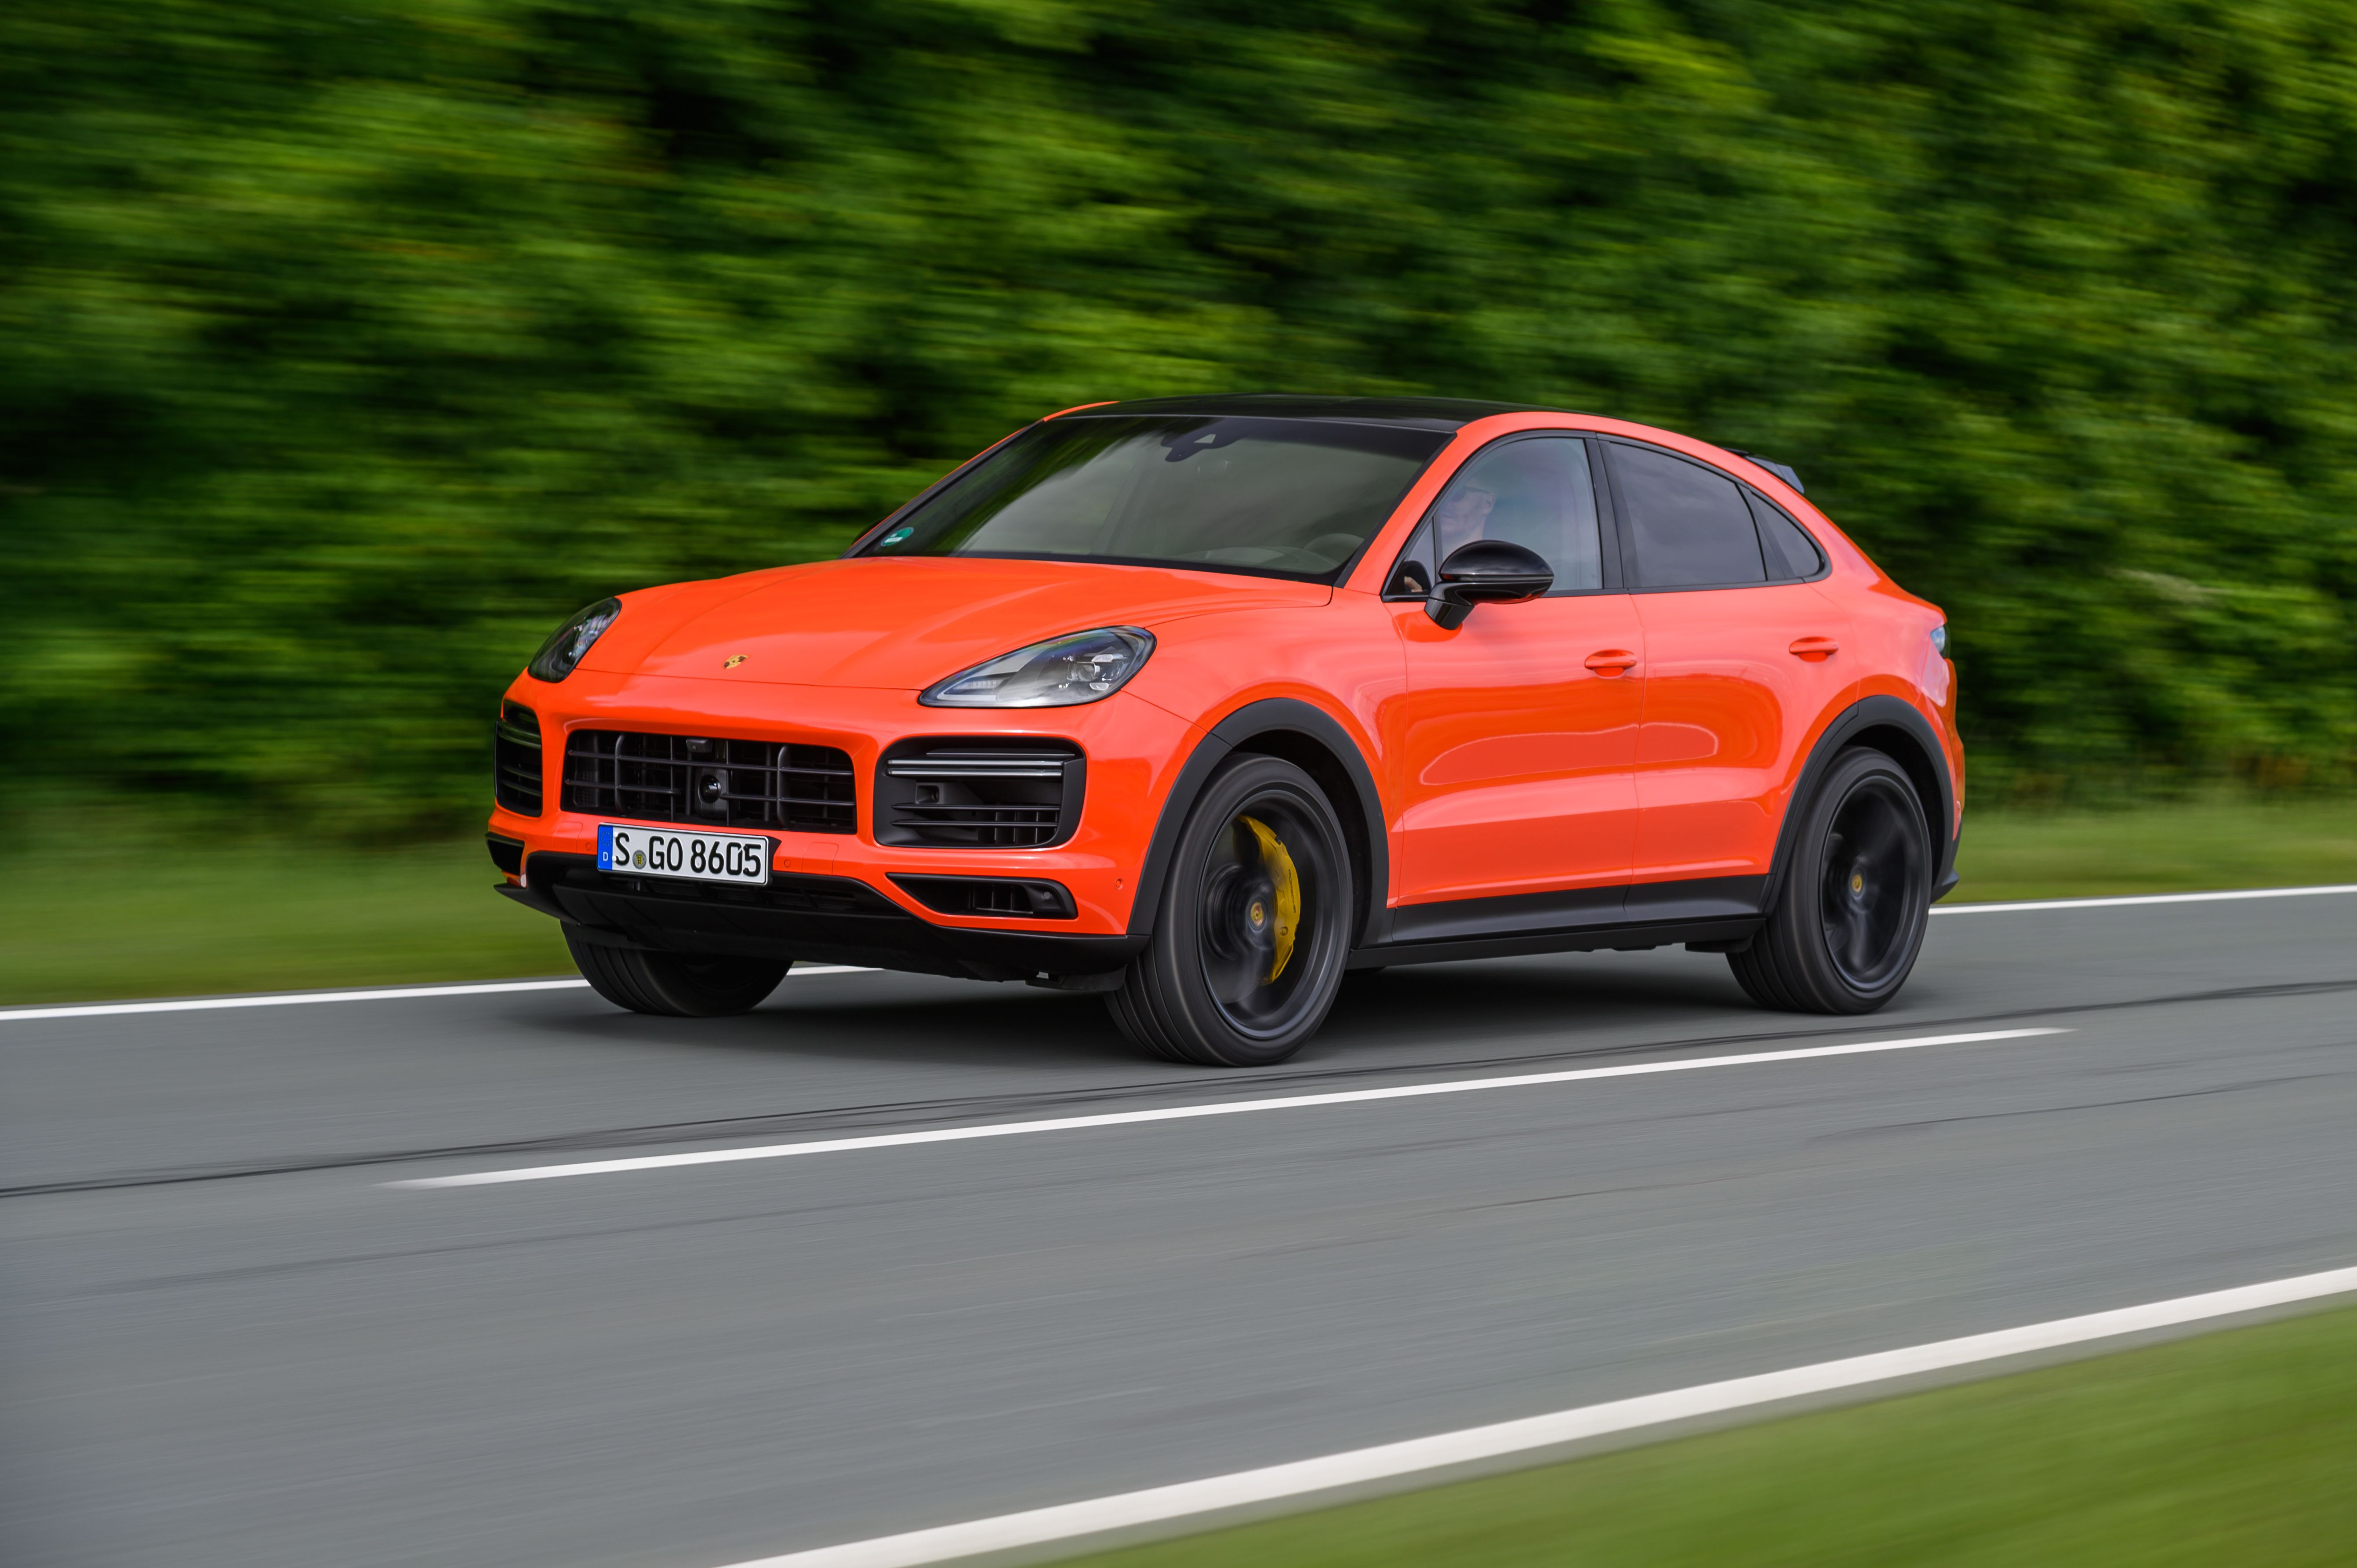 2020 Porsche Cayenne Redesign, Release Date, Price >> 2020 Porsche Cayenne Redesign Release Date Price Upcoming New